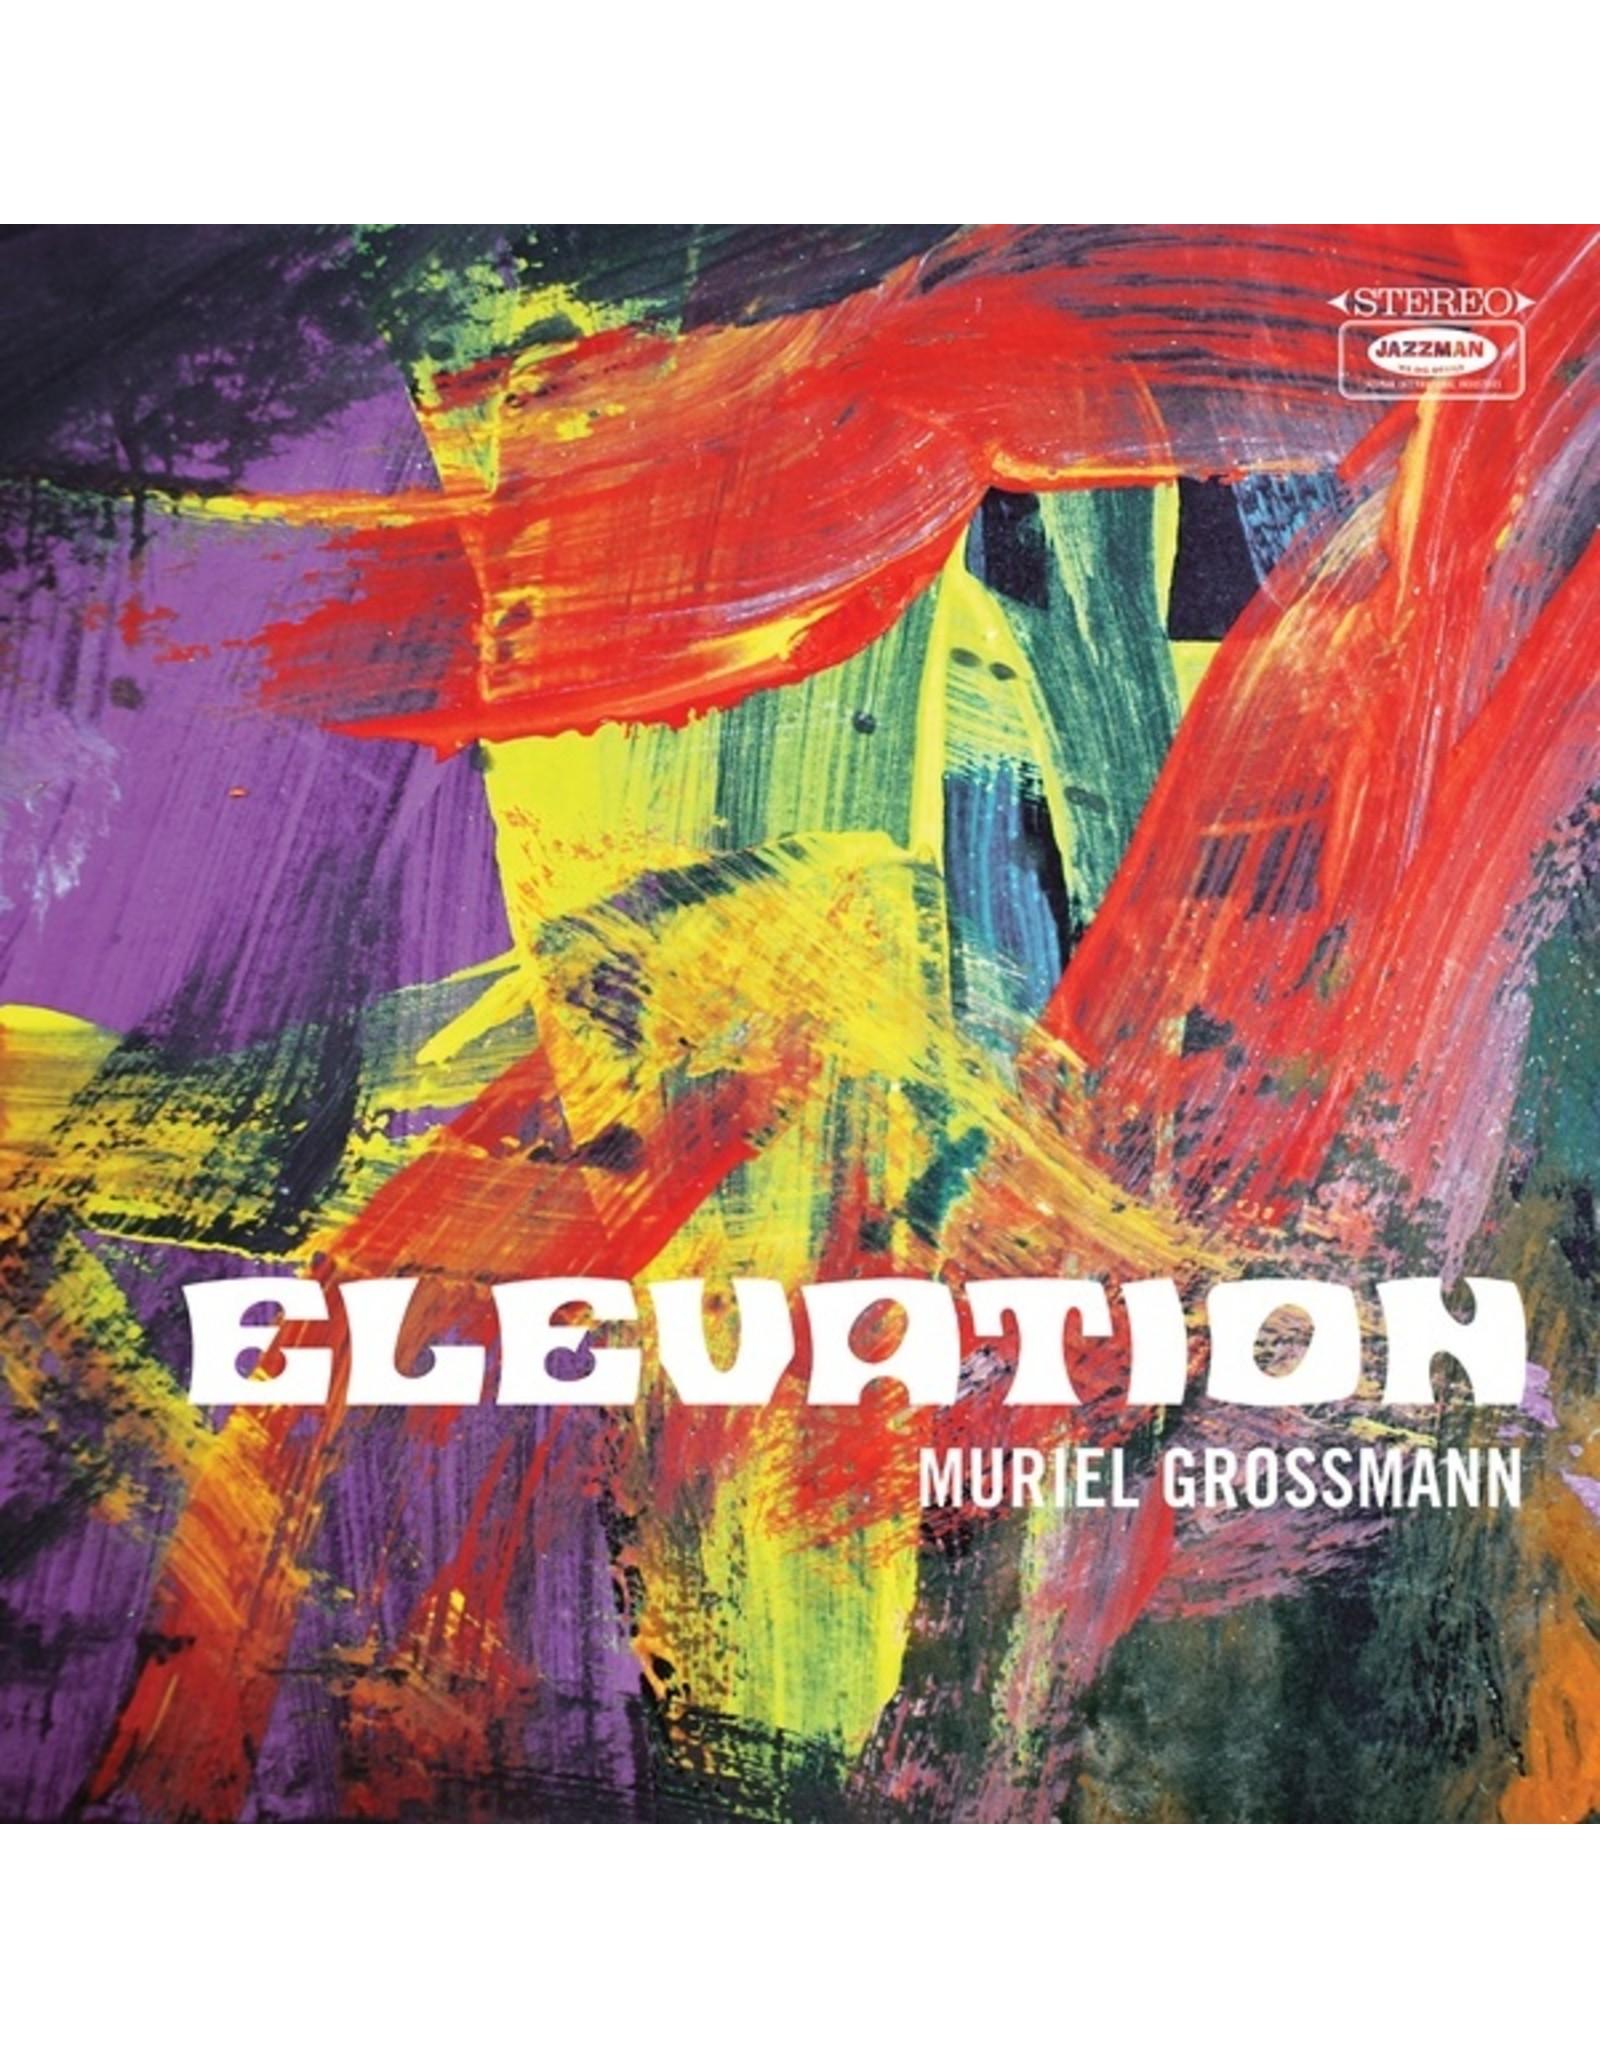 New Vinyl Muriel Grossmann - Elevation LP